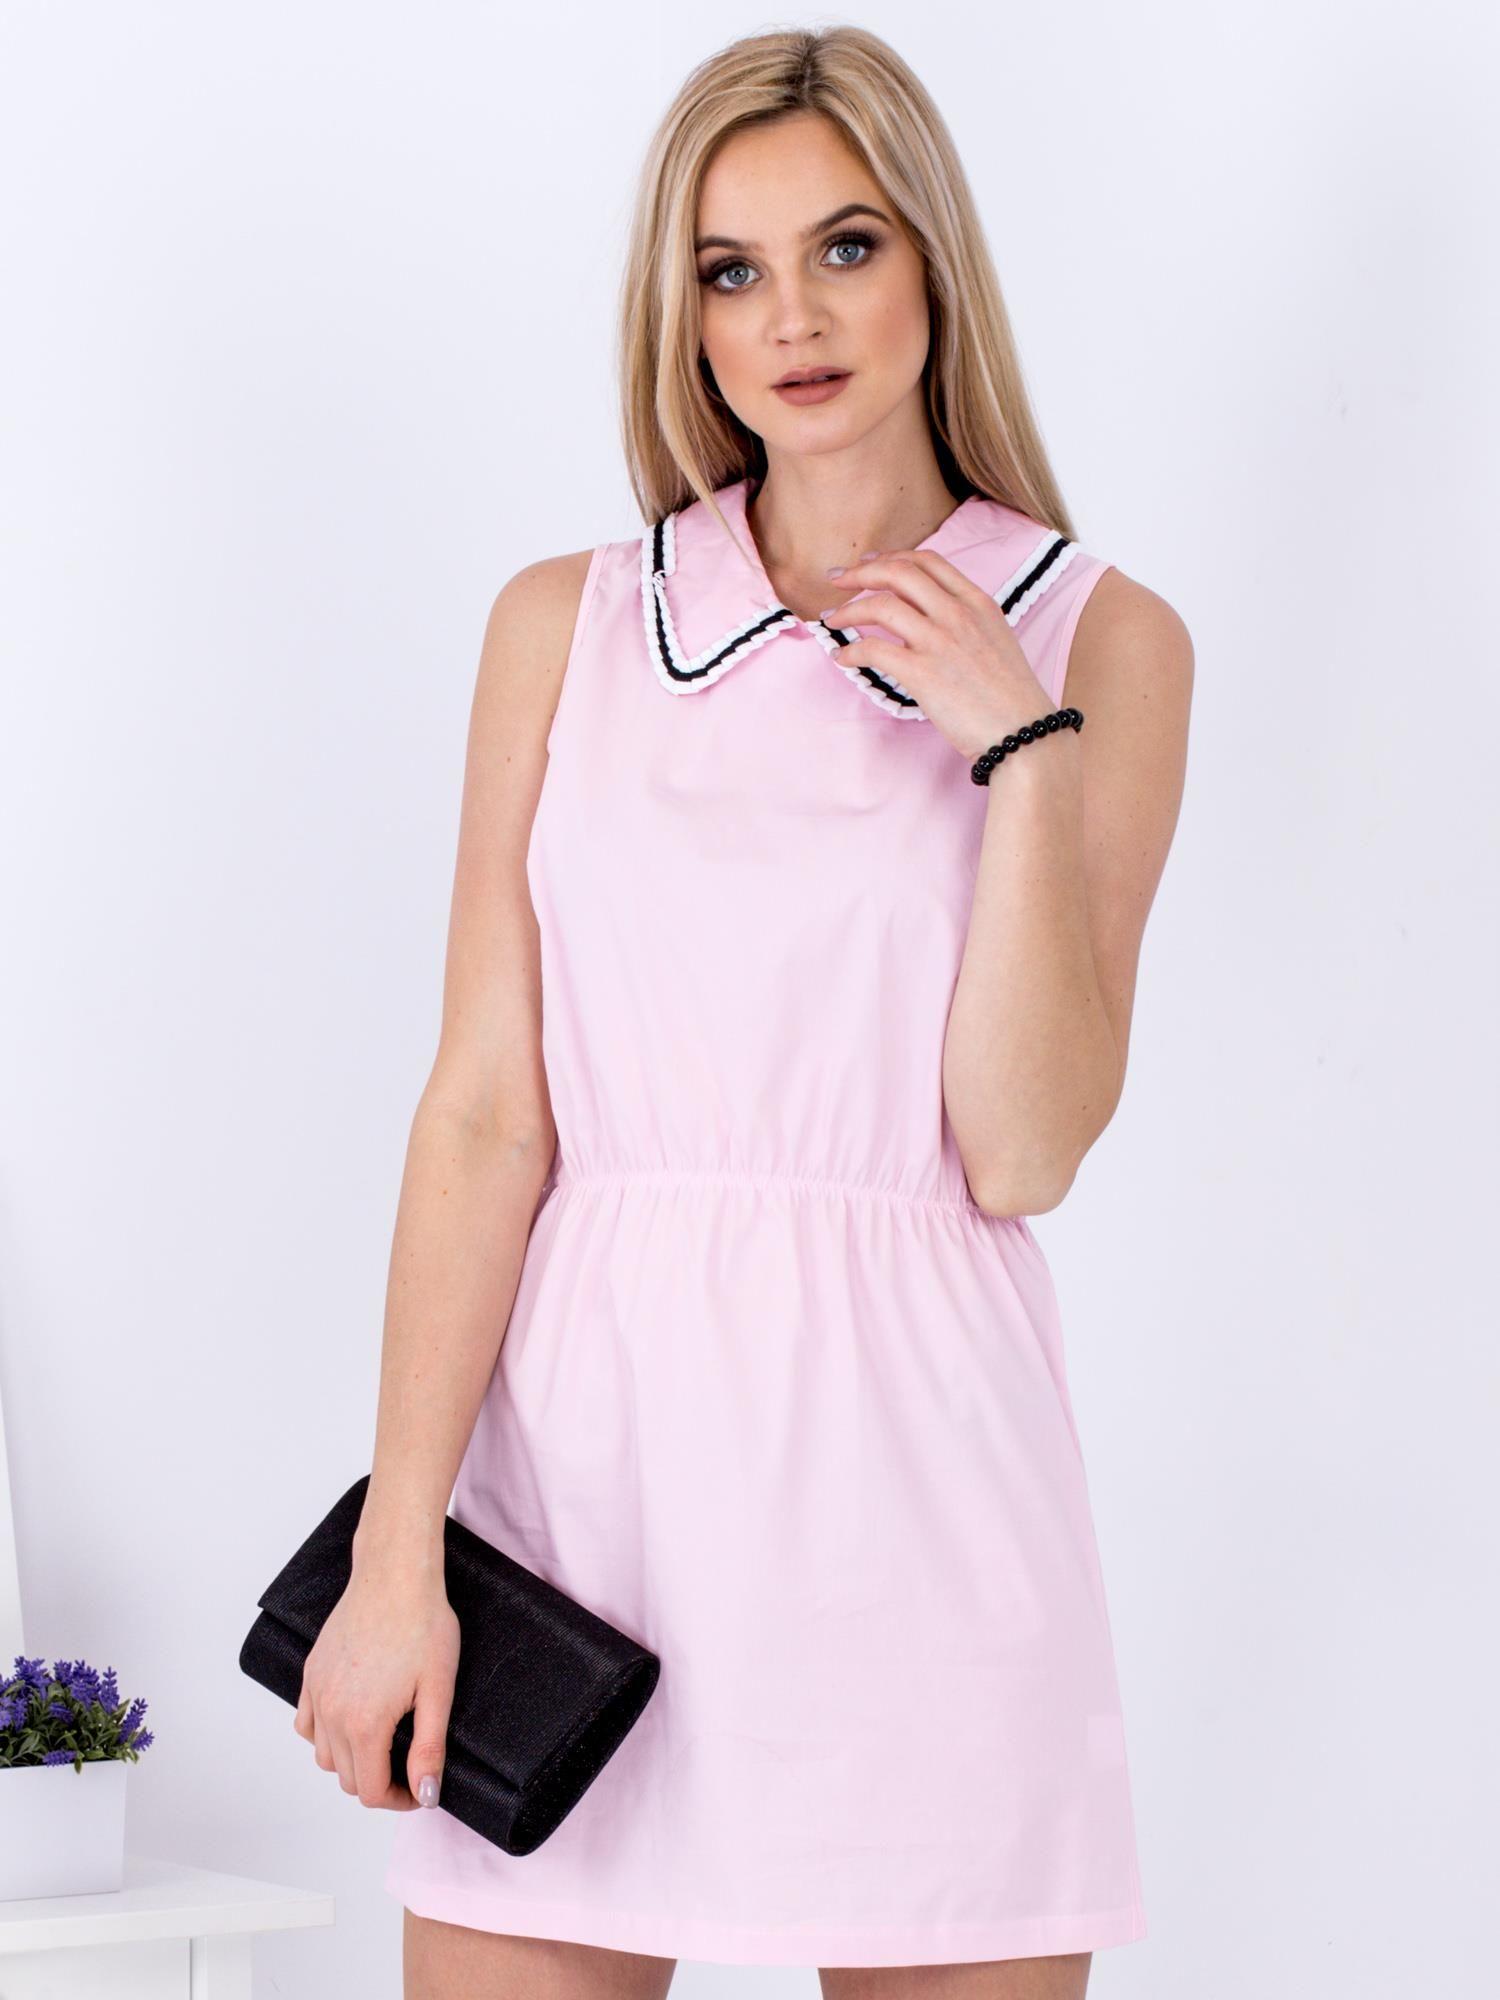 Ležérne dámske ružové šaty s golierom - S